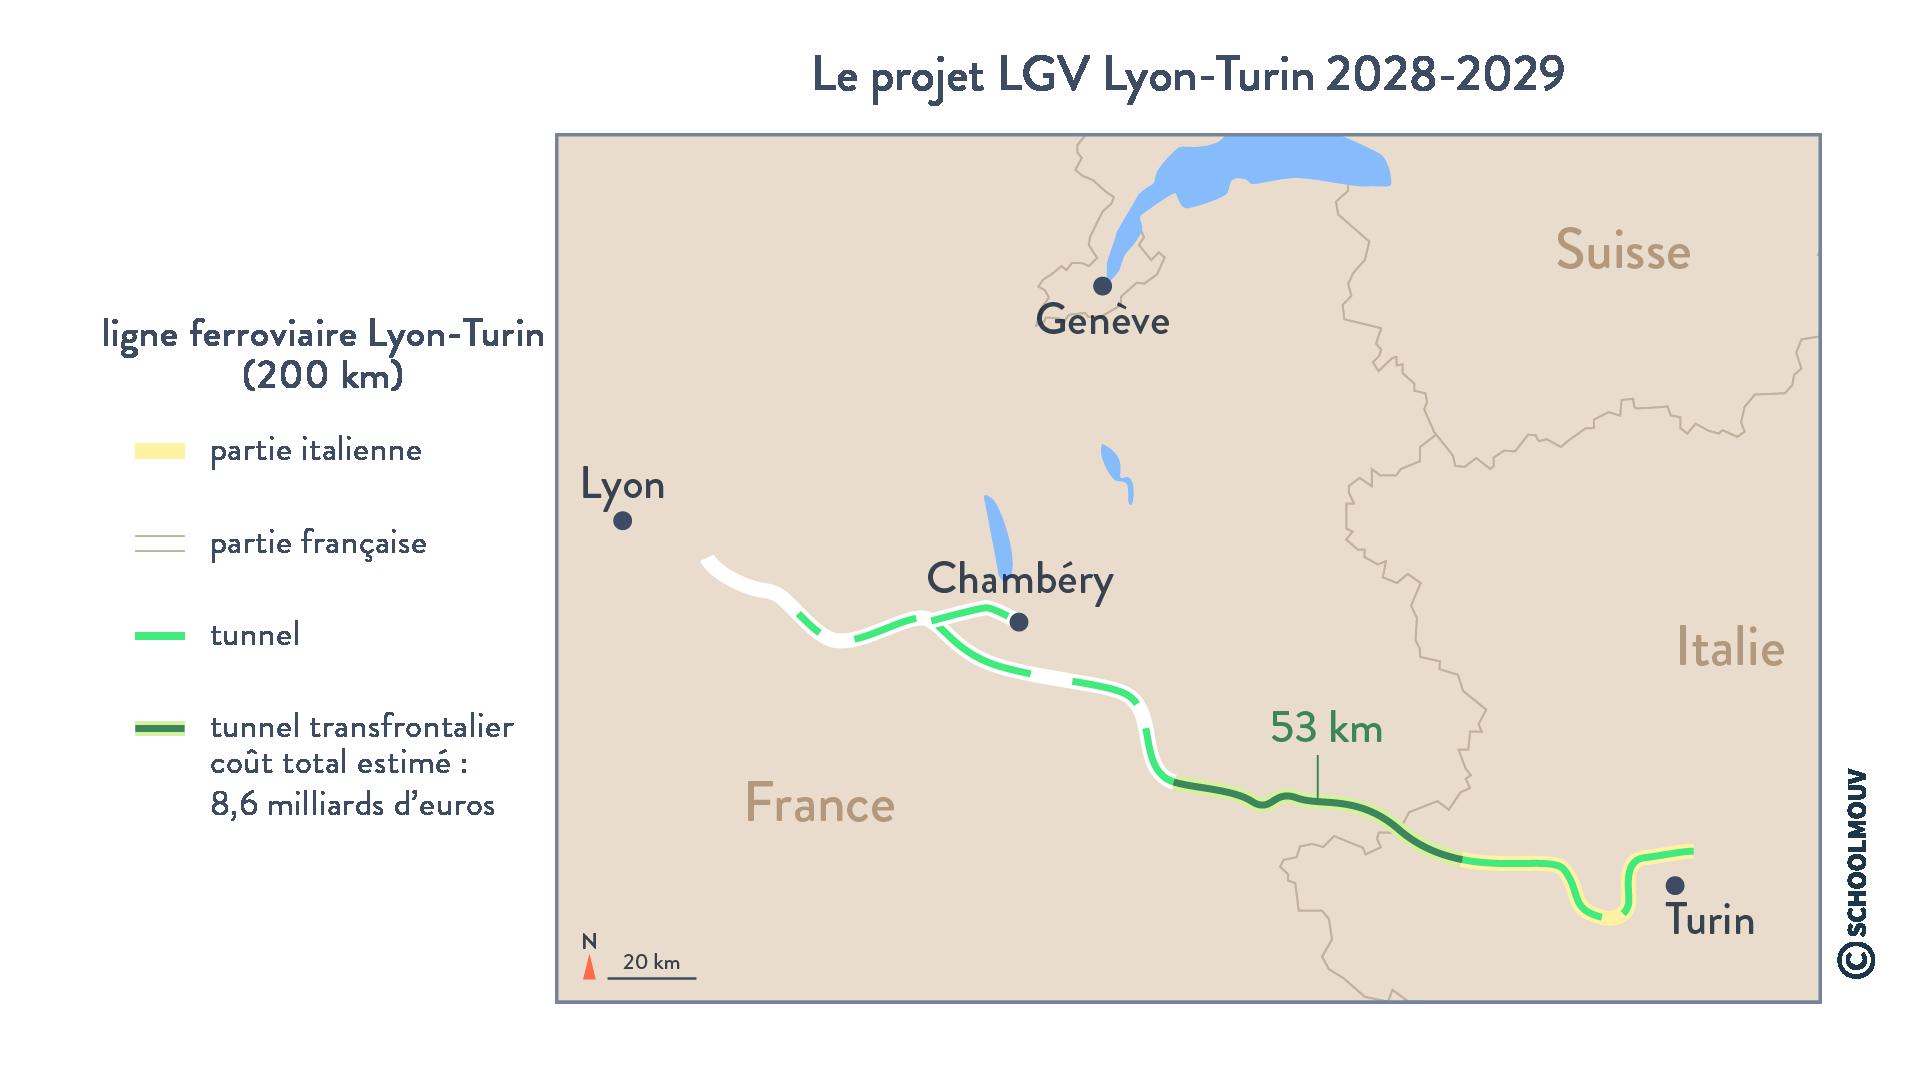 Le projet LGV Lyon-Turin - Géographie - Terminale - SchoolMouv